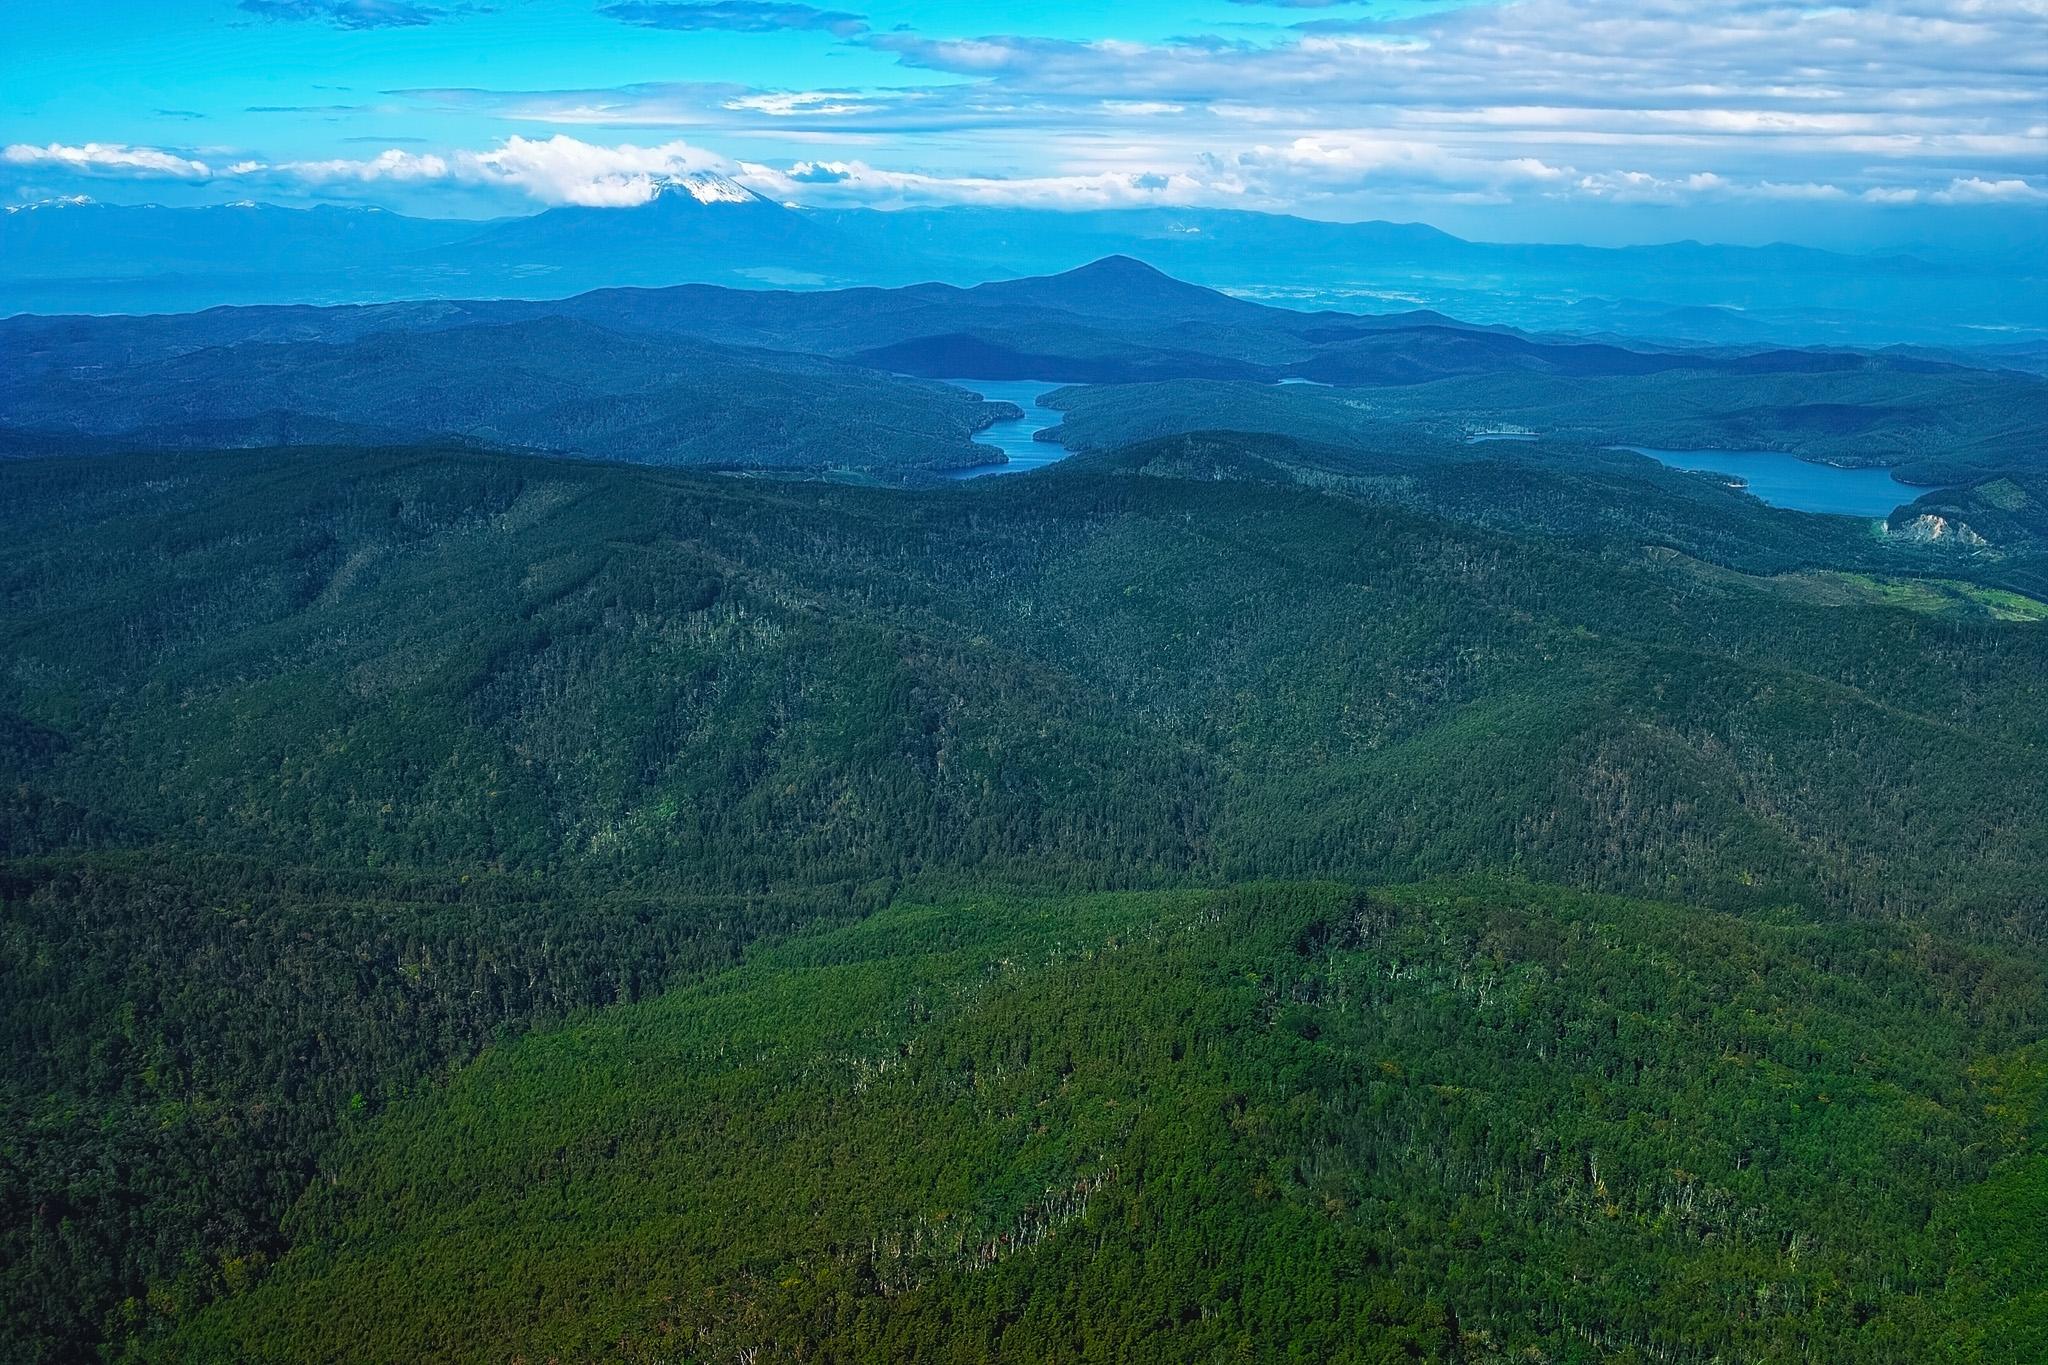 「どこまでも続く山の向こうの幻想的な湖」の画像を無料ダウンロード